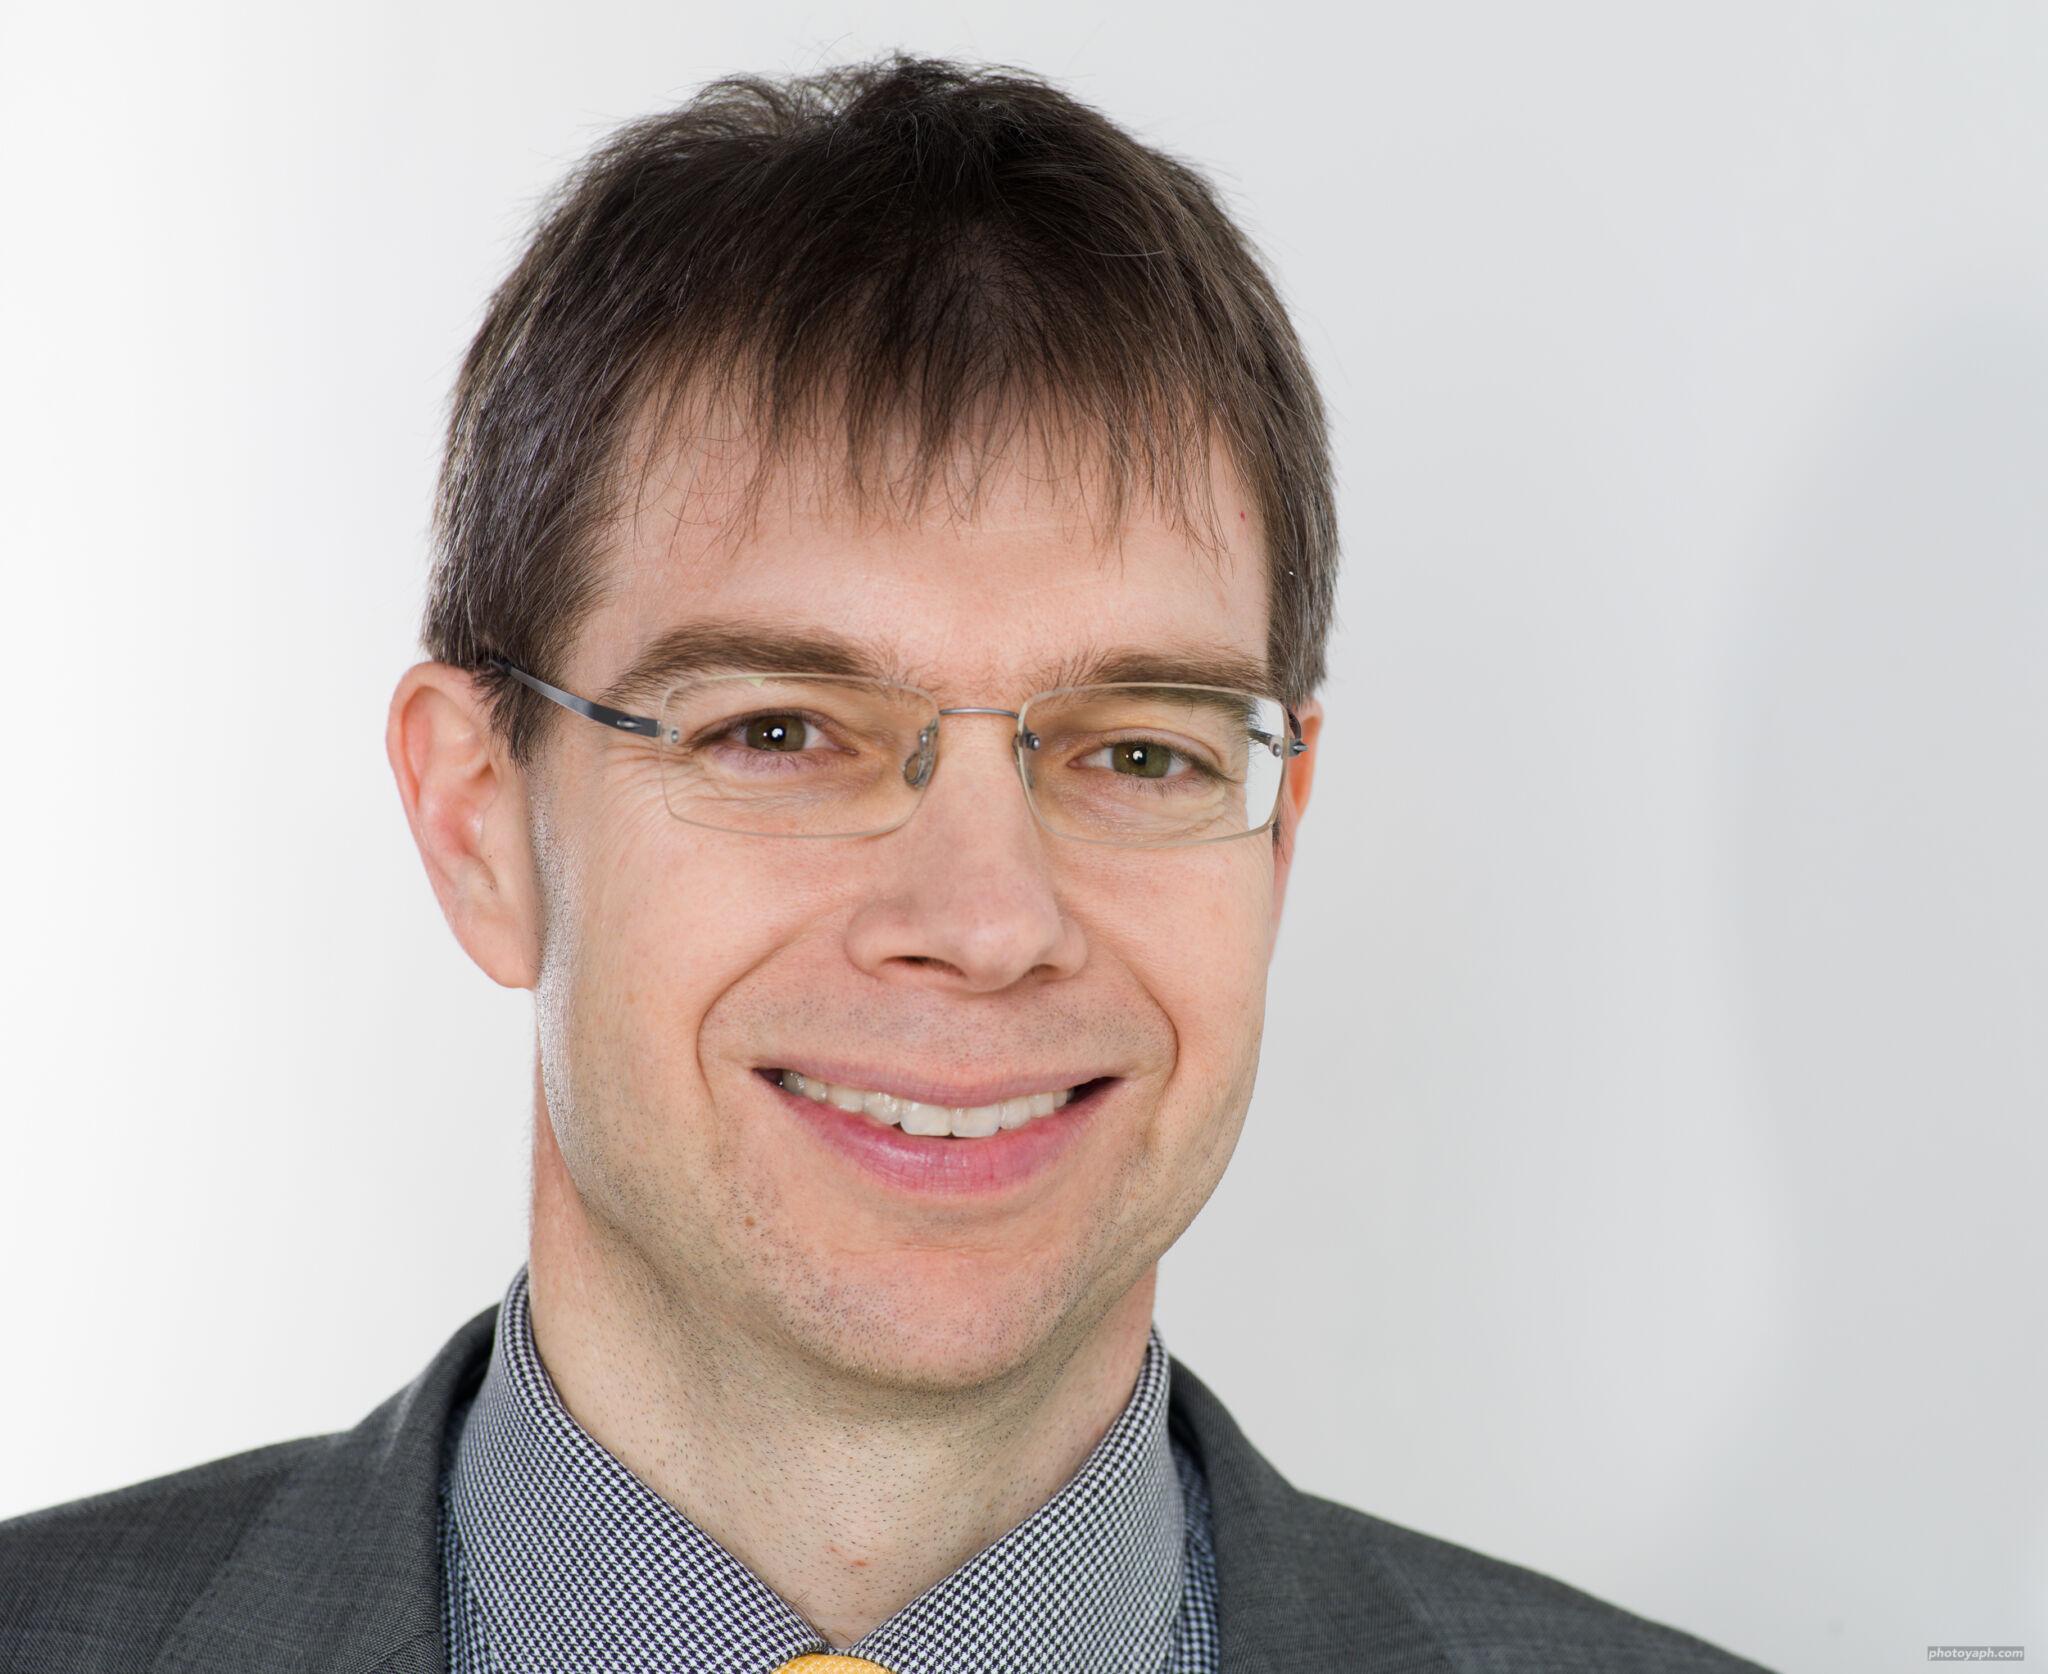 Claas Dr. Martin von Hoyningen-Huene|copyright: Werkbild